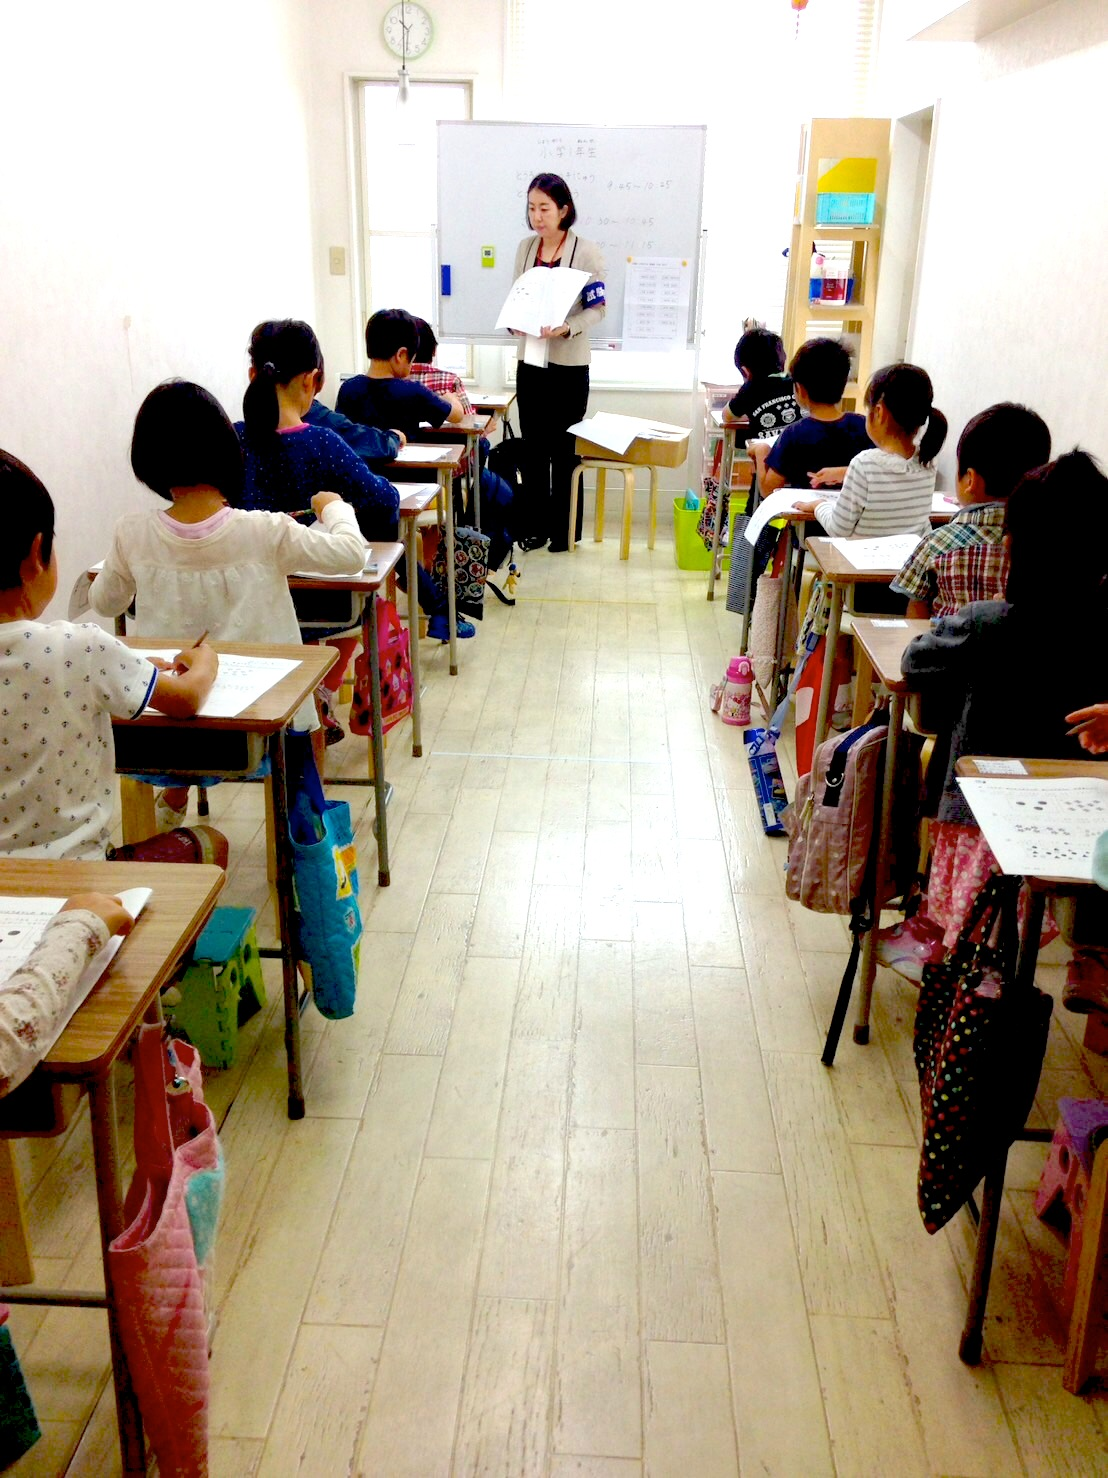 第18回全国統一小学生テスト _a0164603_18255060.jpg